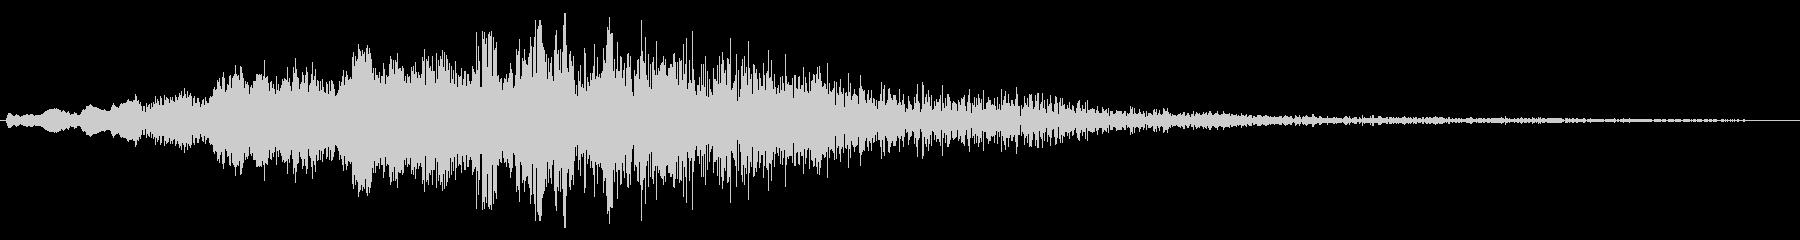 プワーン(移動時音、変身音)の未再生の波形